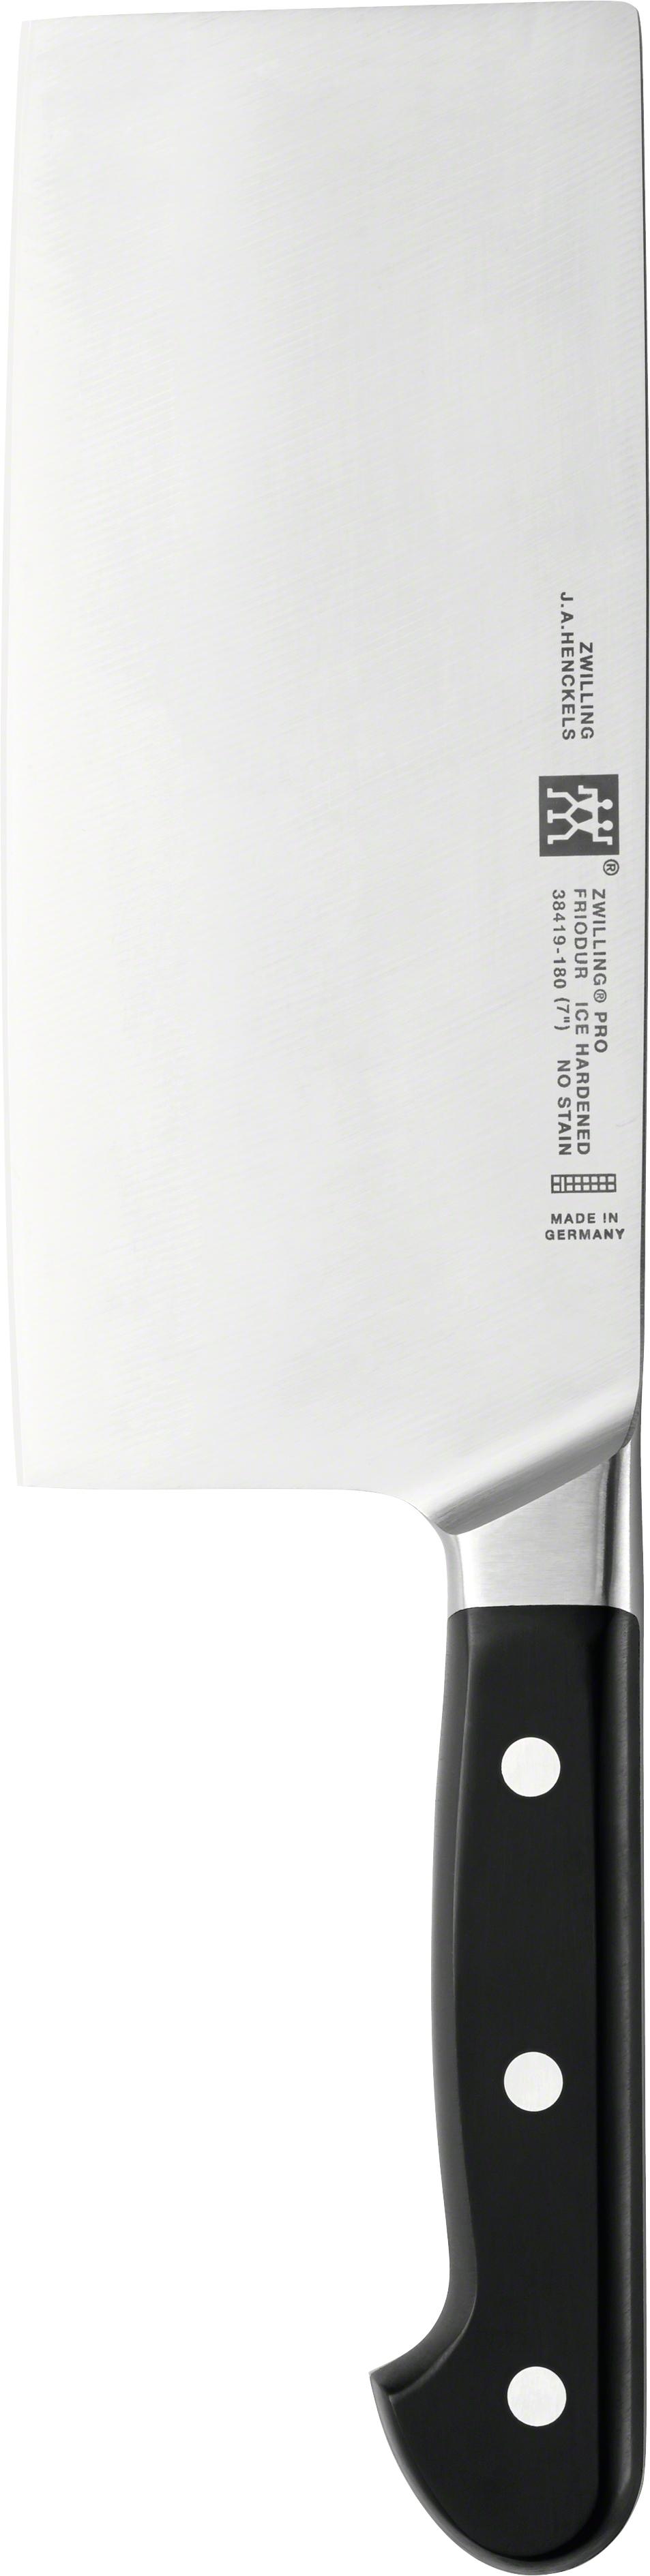 Zwilling: Pro Chinesisches Kochmesser, 180mm